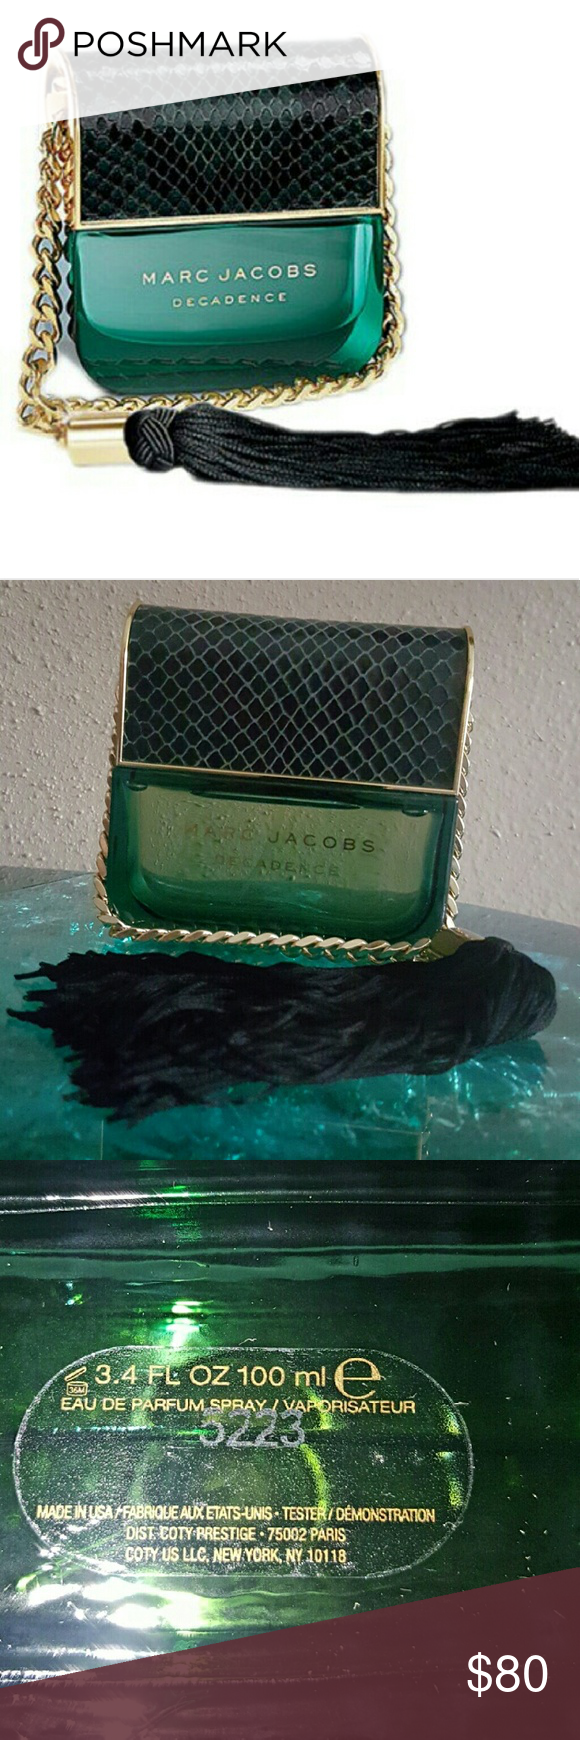 Marc Jacobs Decadence 3.4 eau de parfum.  100% authentic-Never sprayed.  NWB Marc Jacobs Makeup